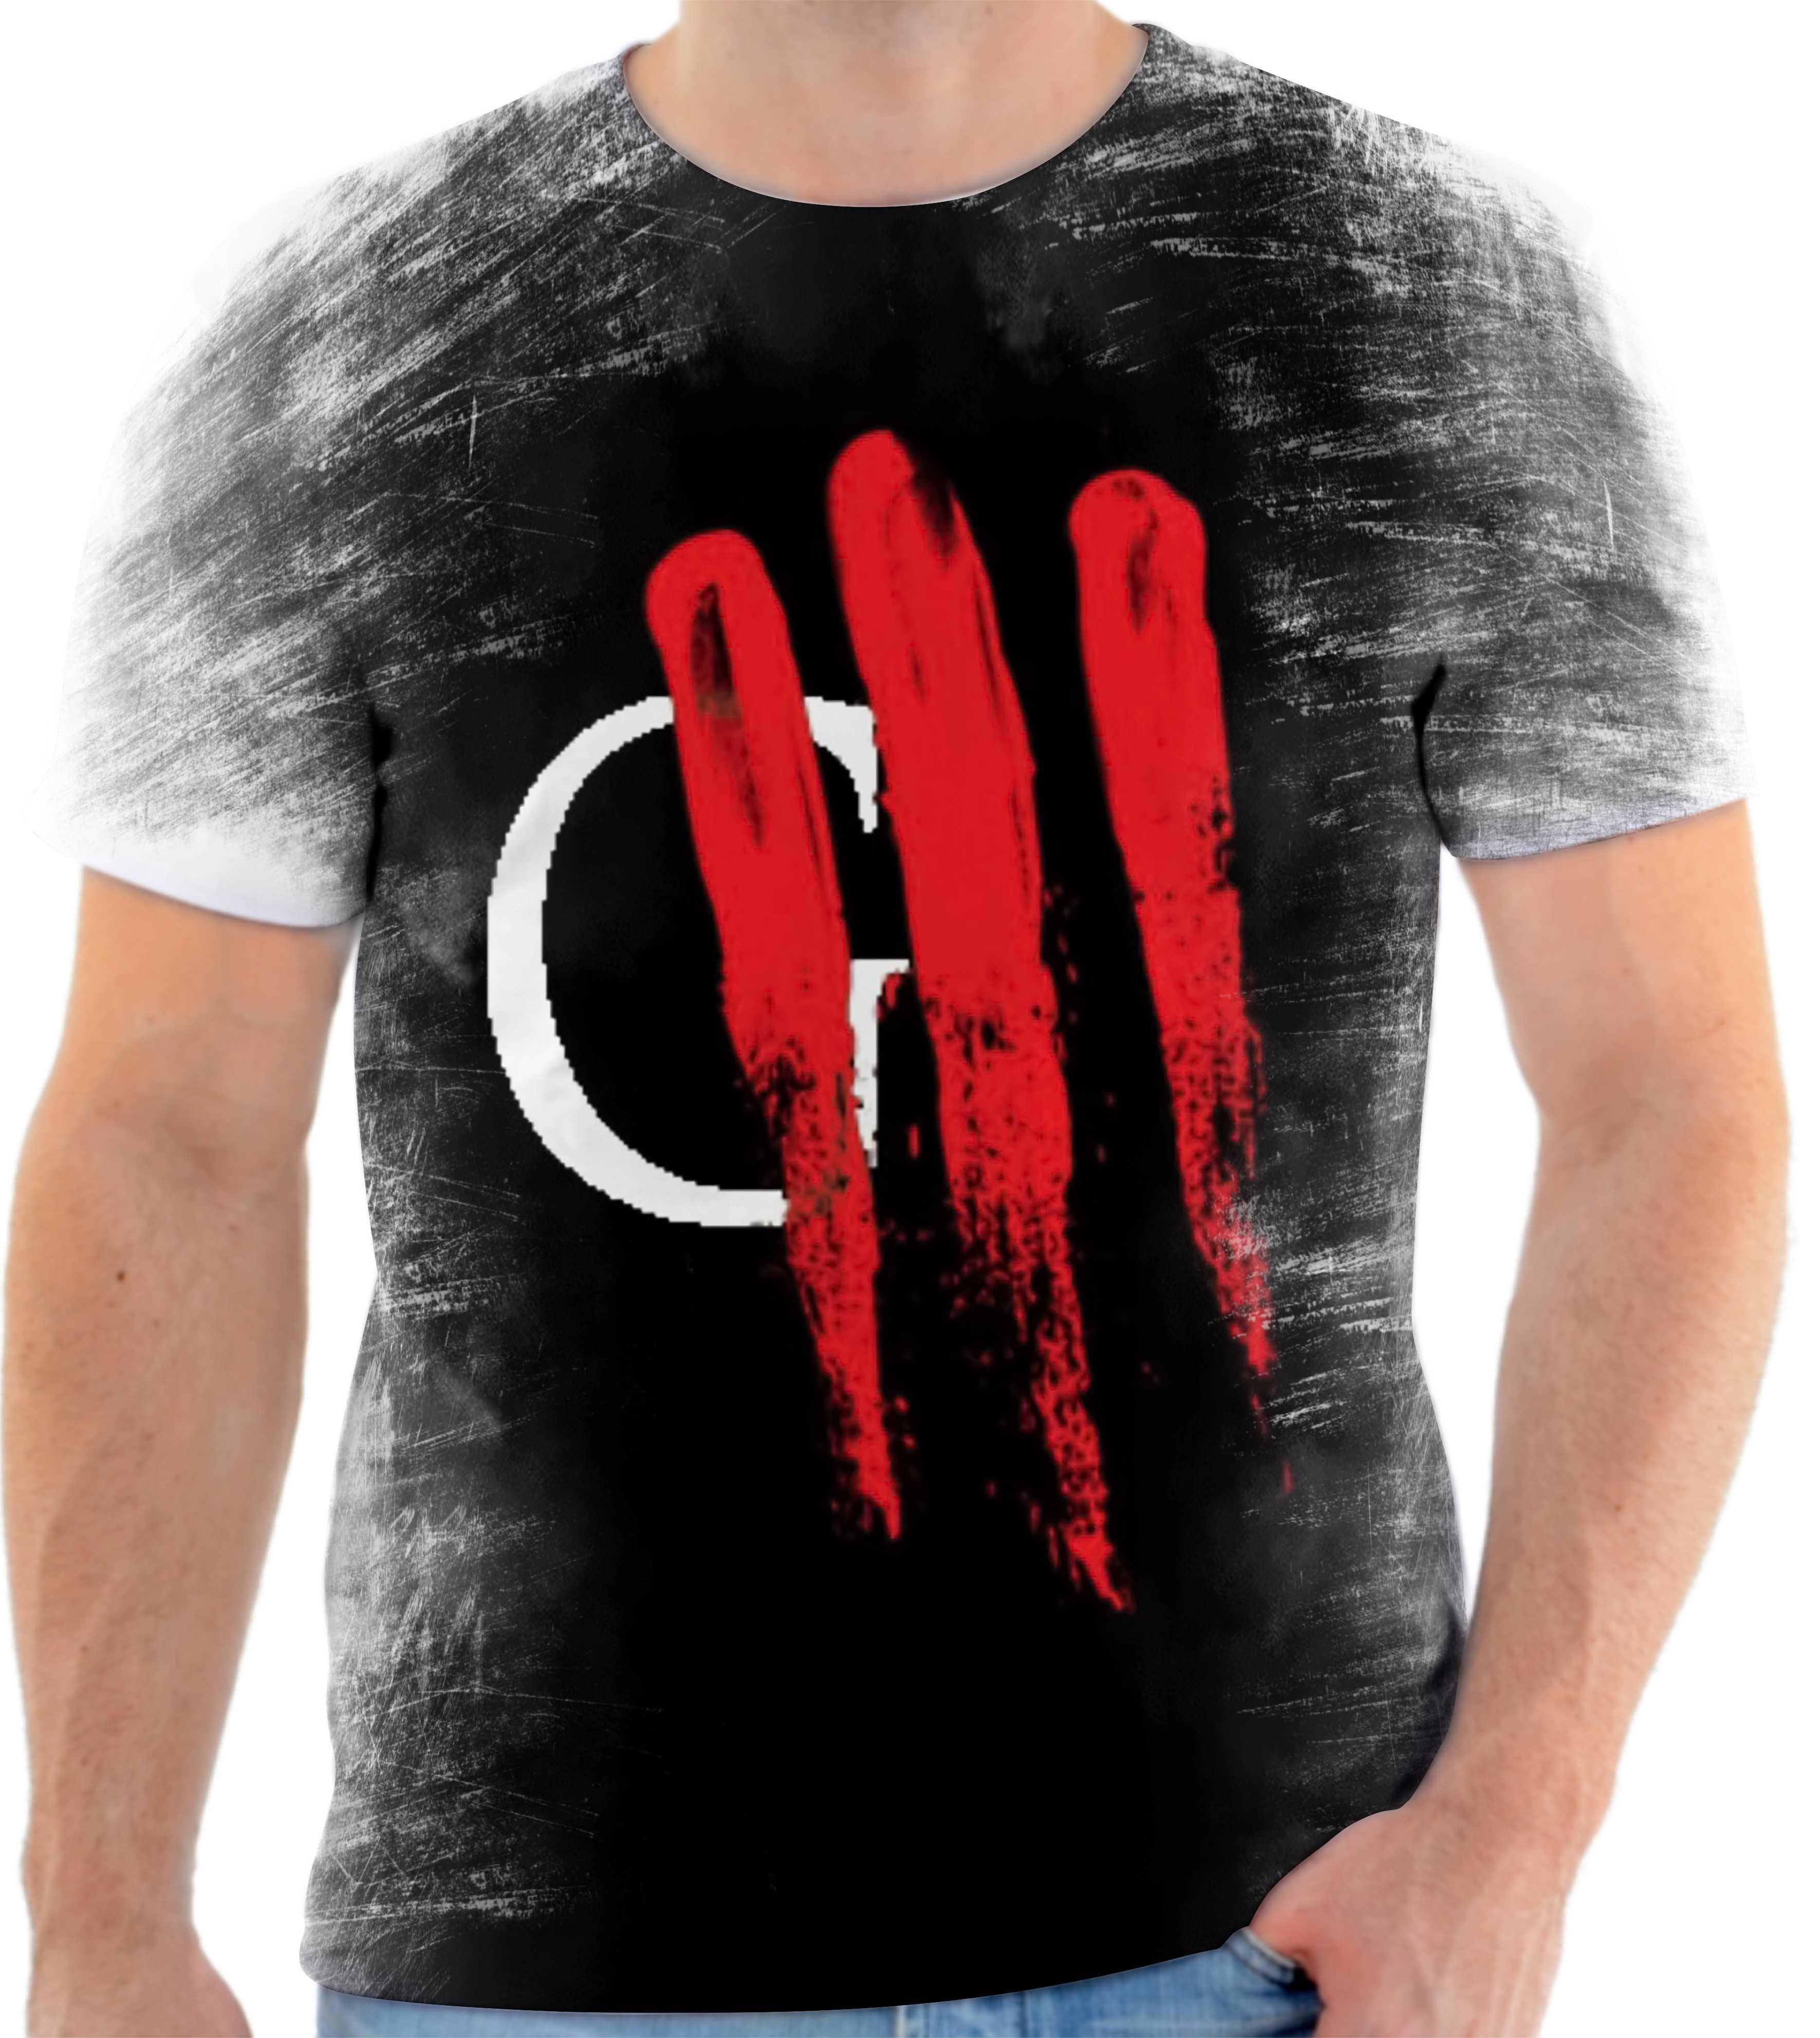 Camisa Camiseta Personalizada Banda De Rock Oficina G3 5 no Elo7 ... 86ddb056f3b58